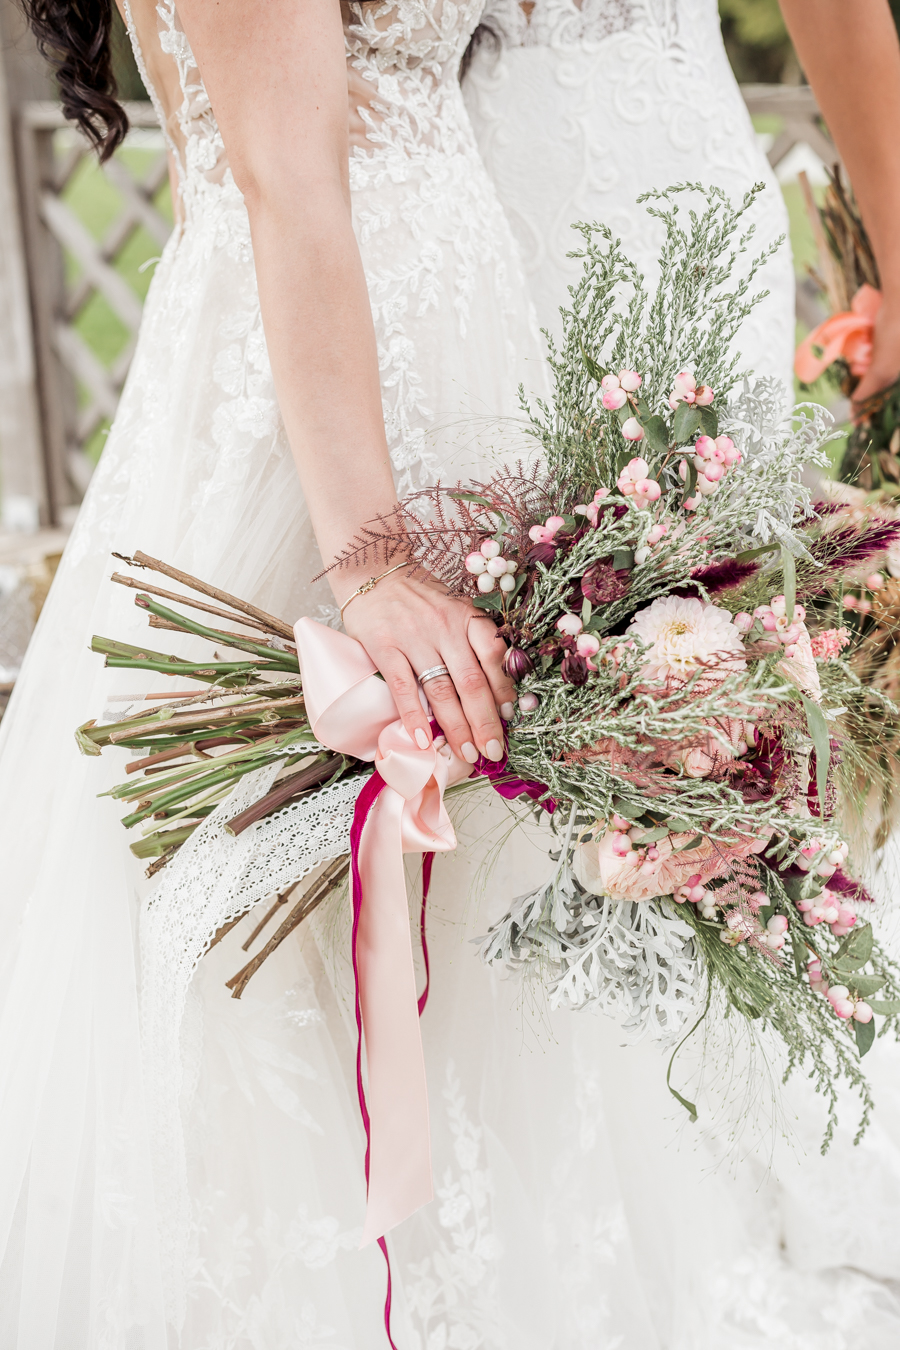 Hertfordshire Boho Themed Styled Wedding Shoot, photographer credit Absolute Photo UK (19)